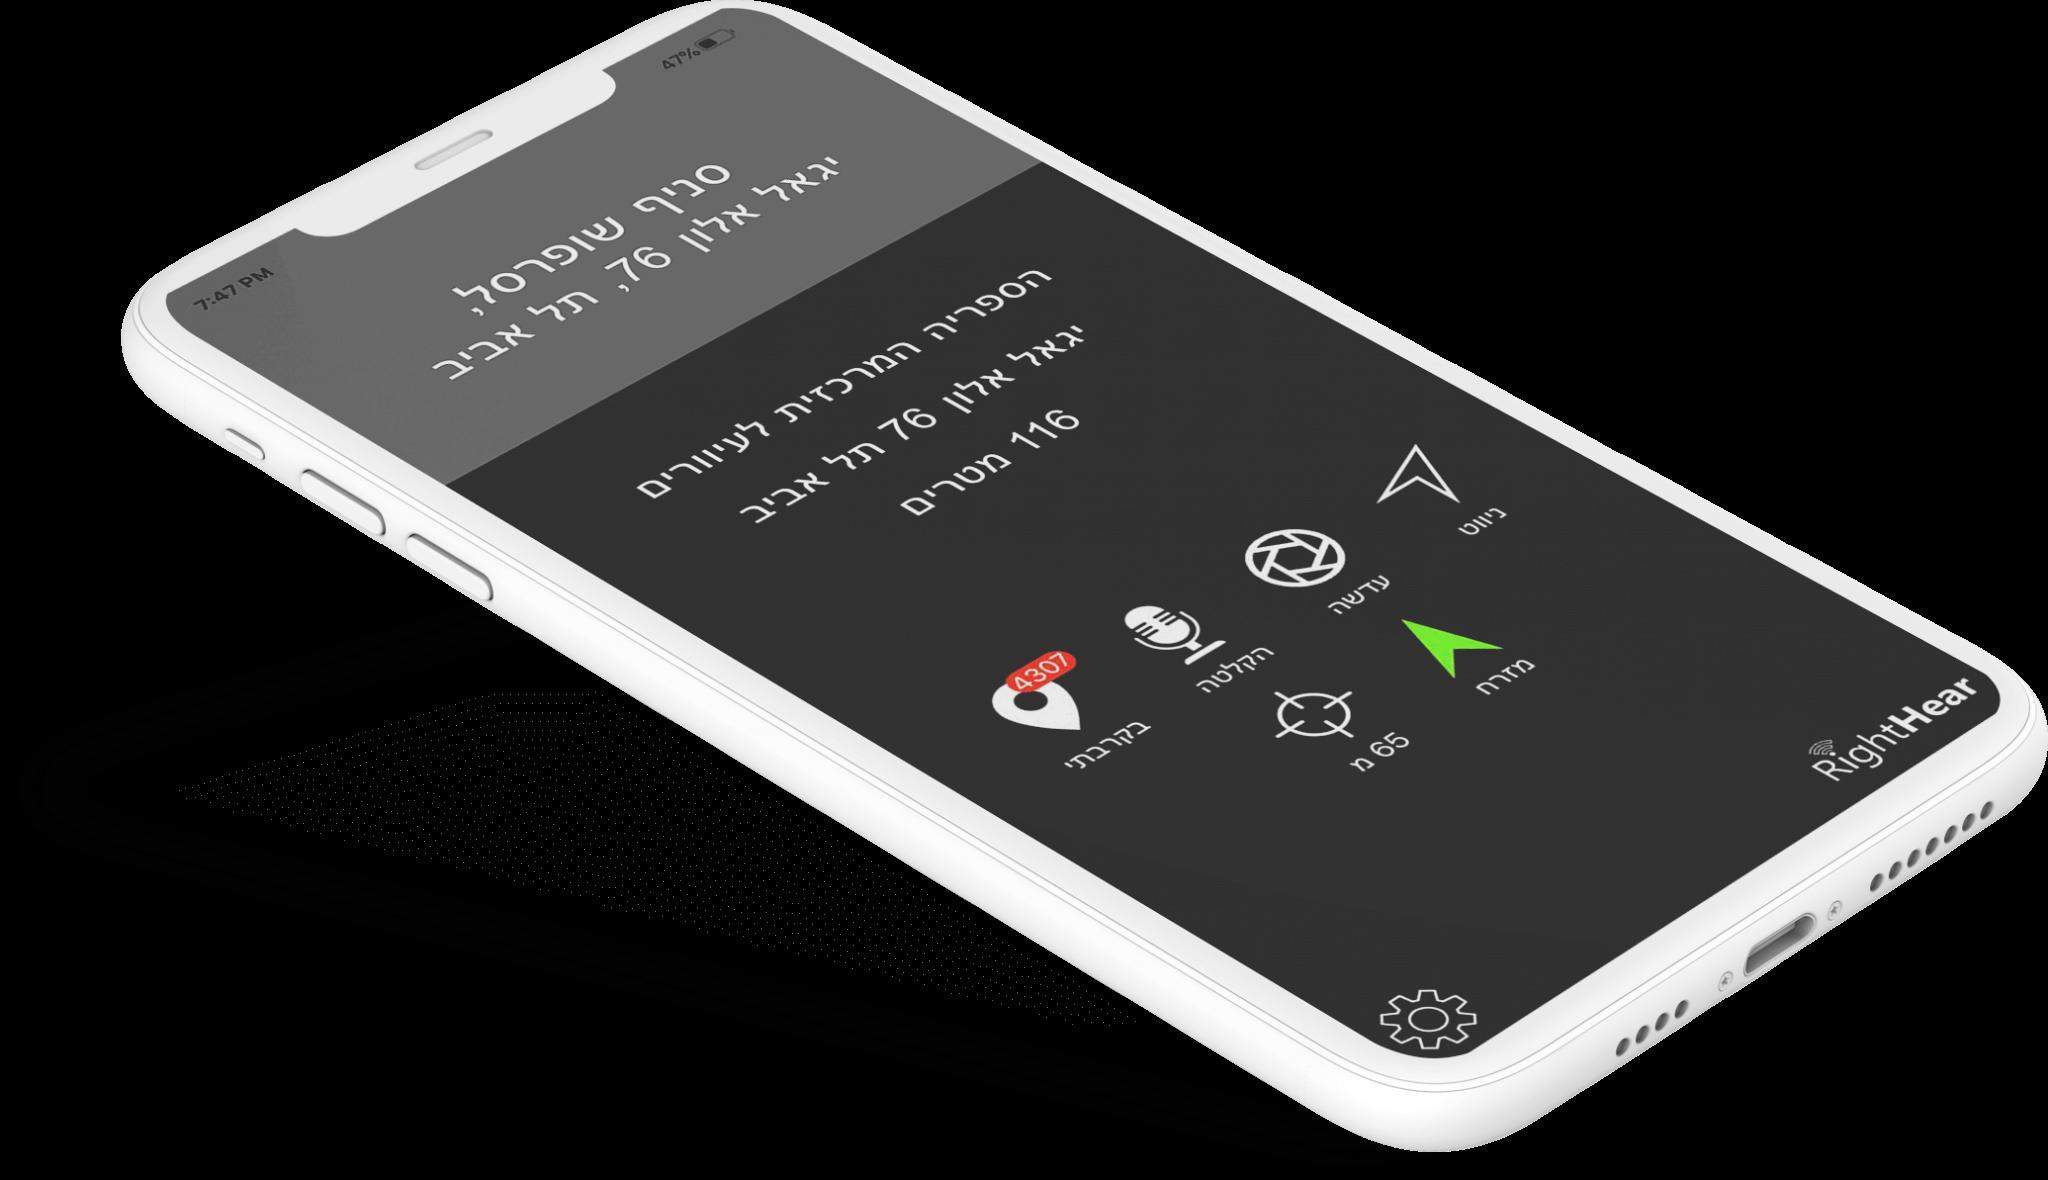 אפליקציית ריטהיר מופעלת באייפון במצב מאוזן